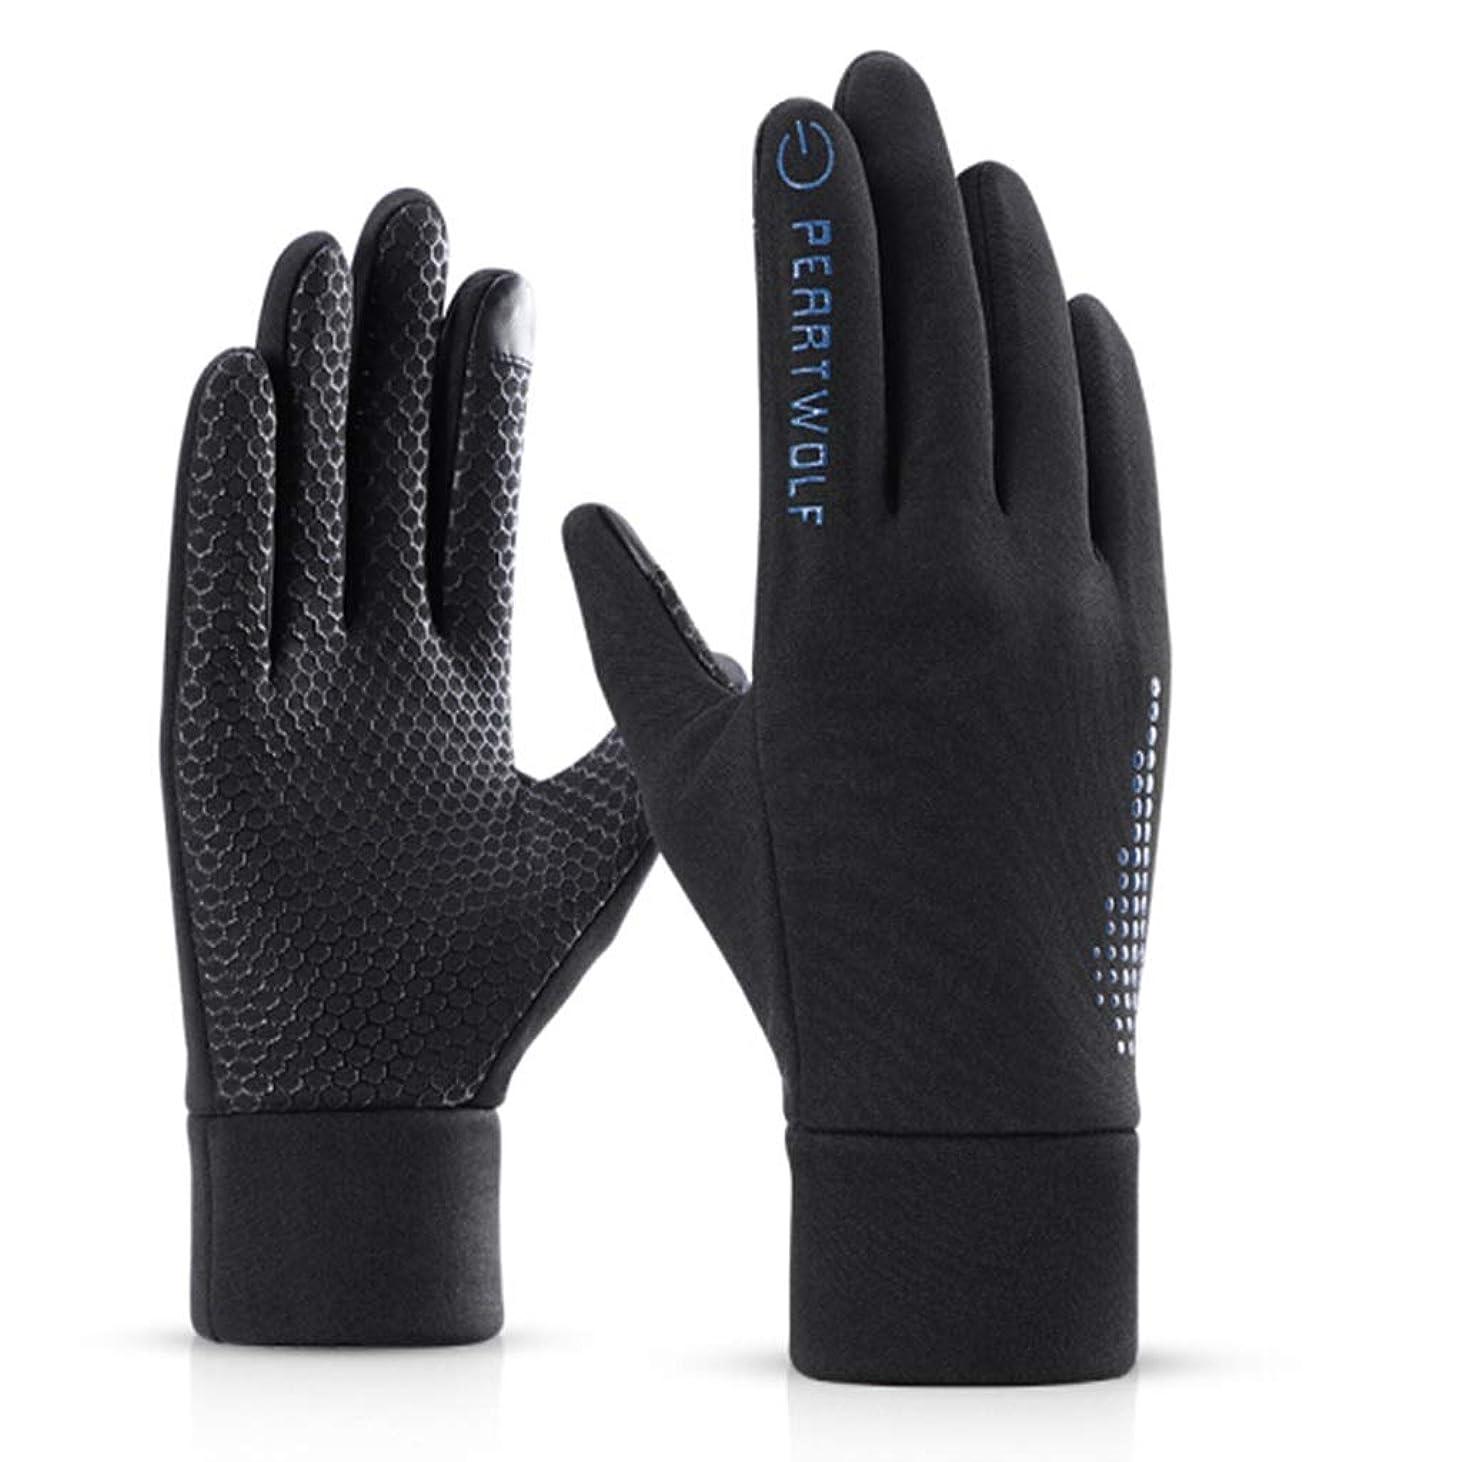 詳細な検出可能力学手袋男性の冬のライディングプラスベルベット暖かい防風冷たい韓国人の学生のタッチスクリーンスポーツメンズ手袋